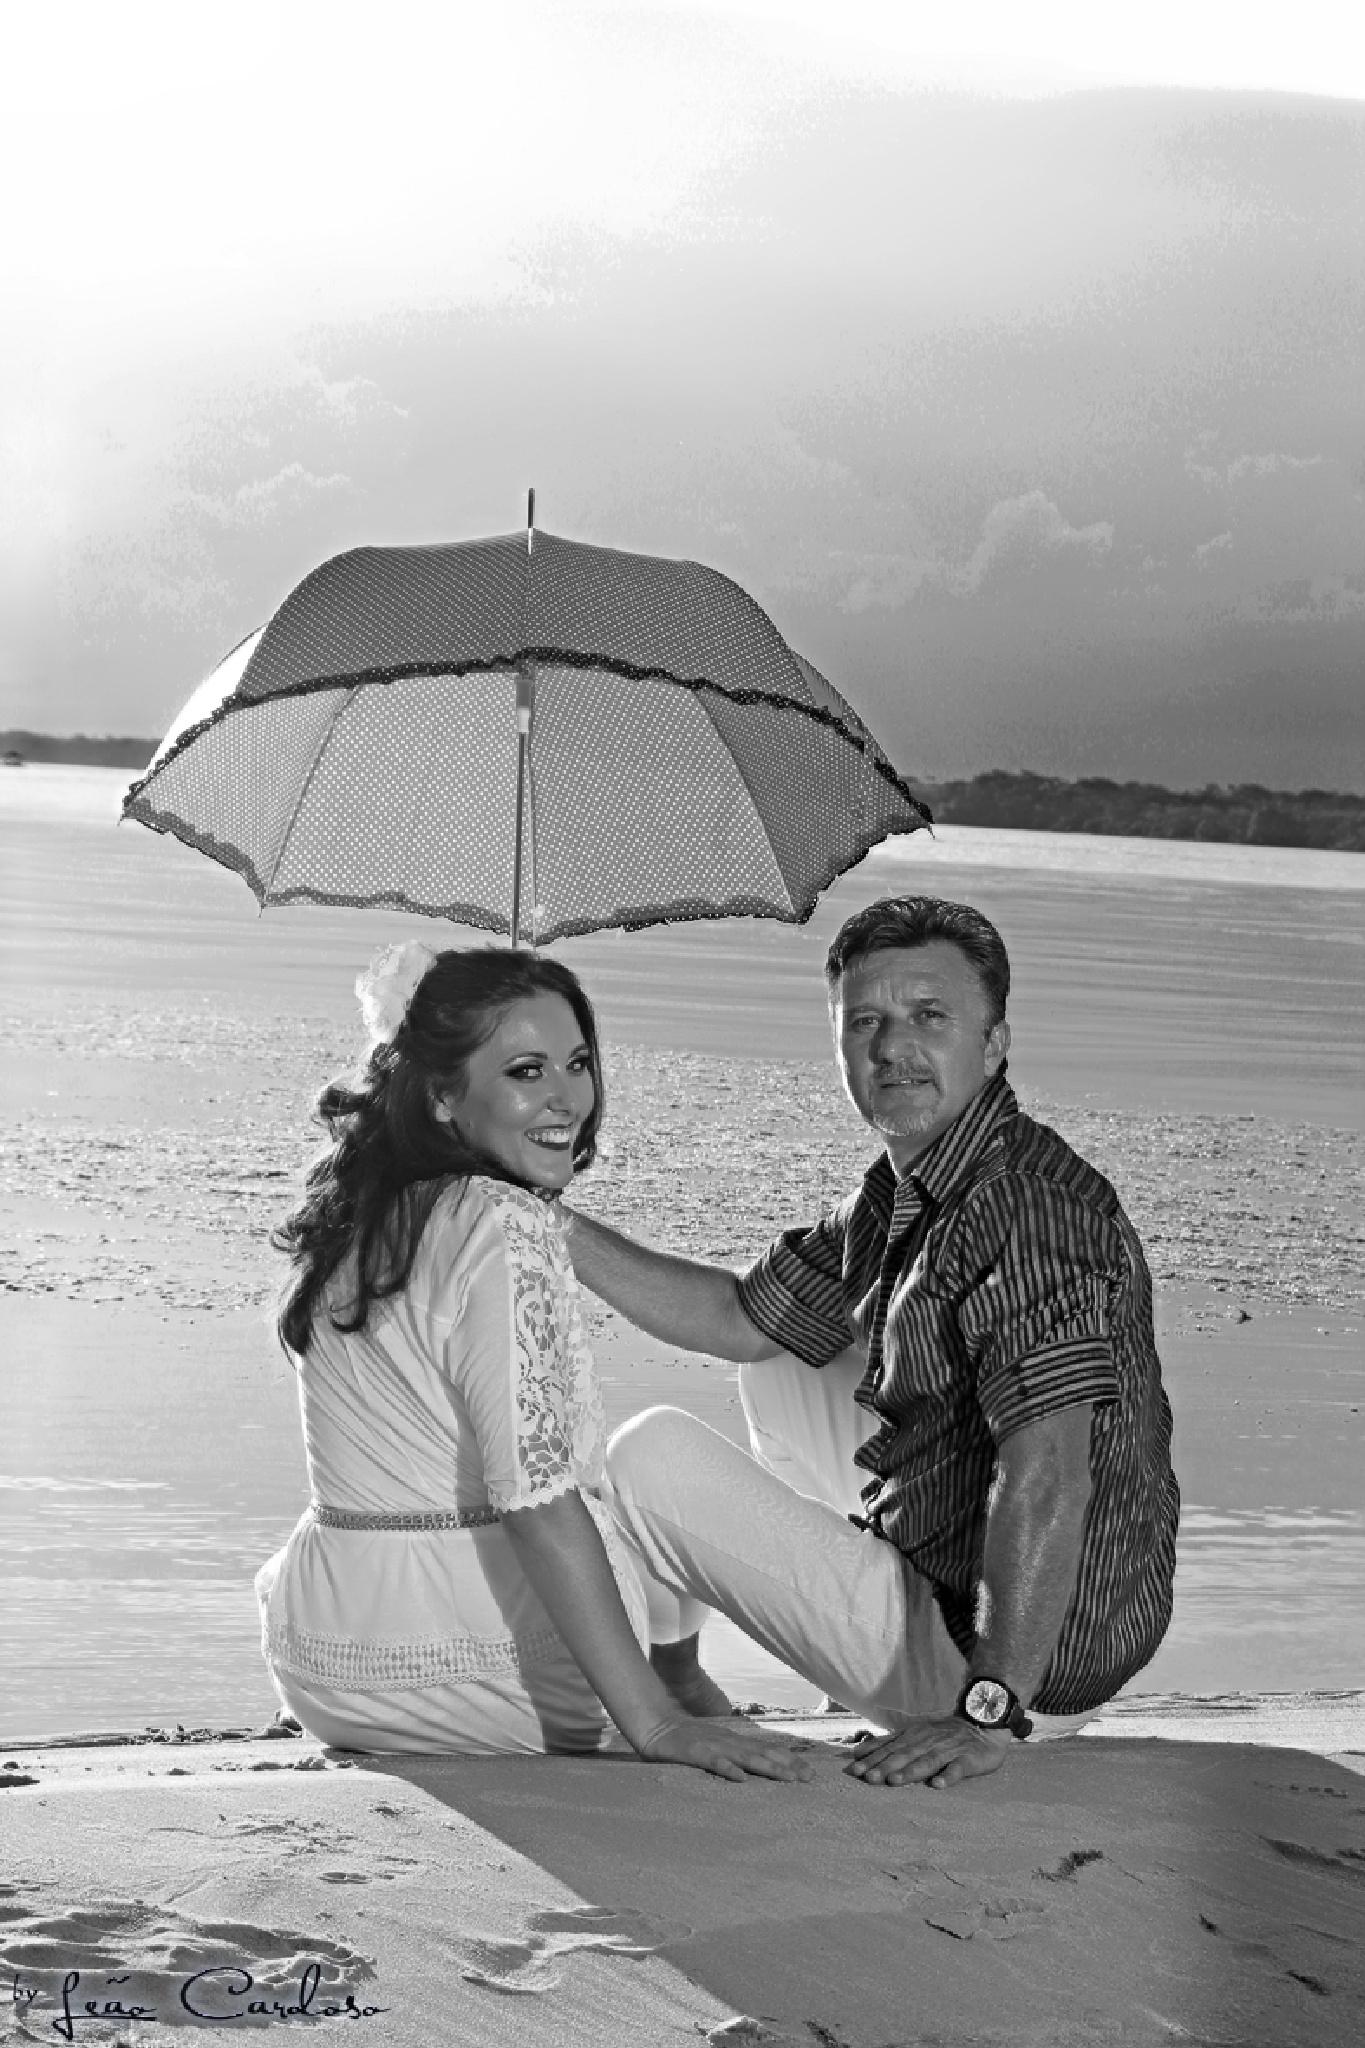 Pré WEDDING em Porto Rico PR. Brasil. by leao.cardoso